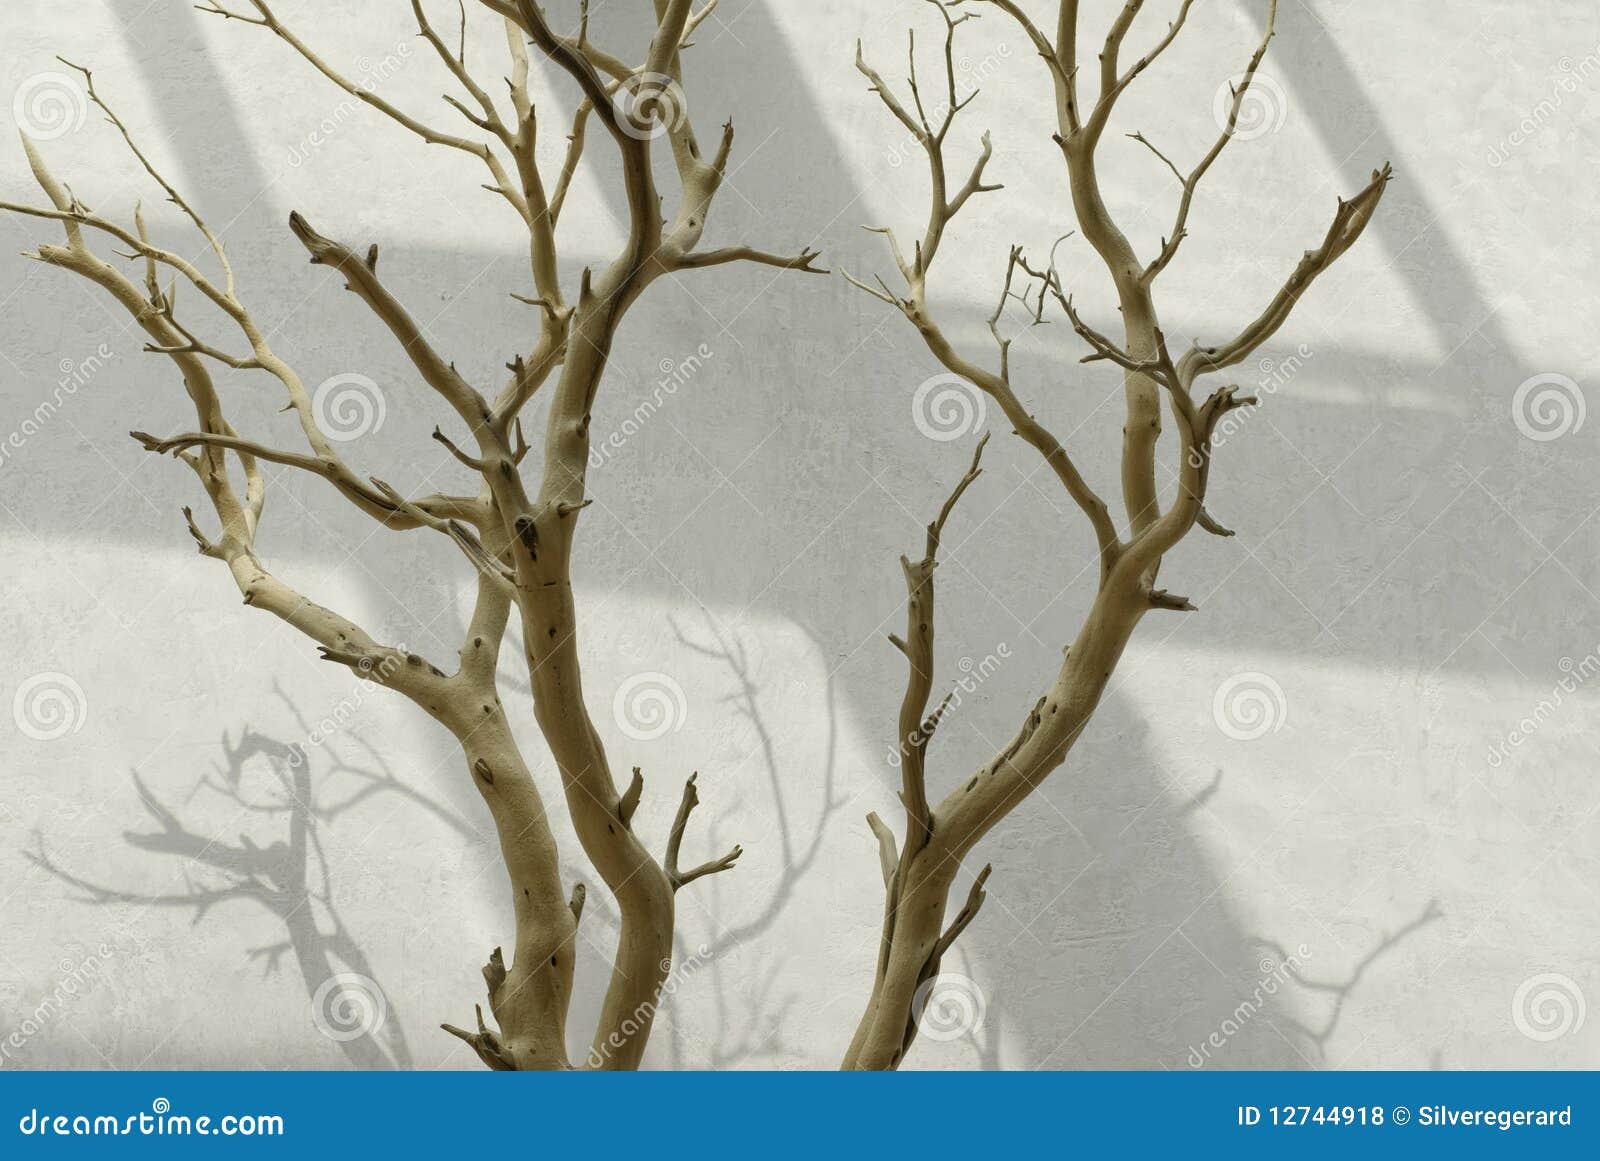 Interieur Fotografia Stock Immagine Di Albero Colore 12744918